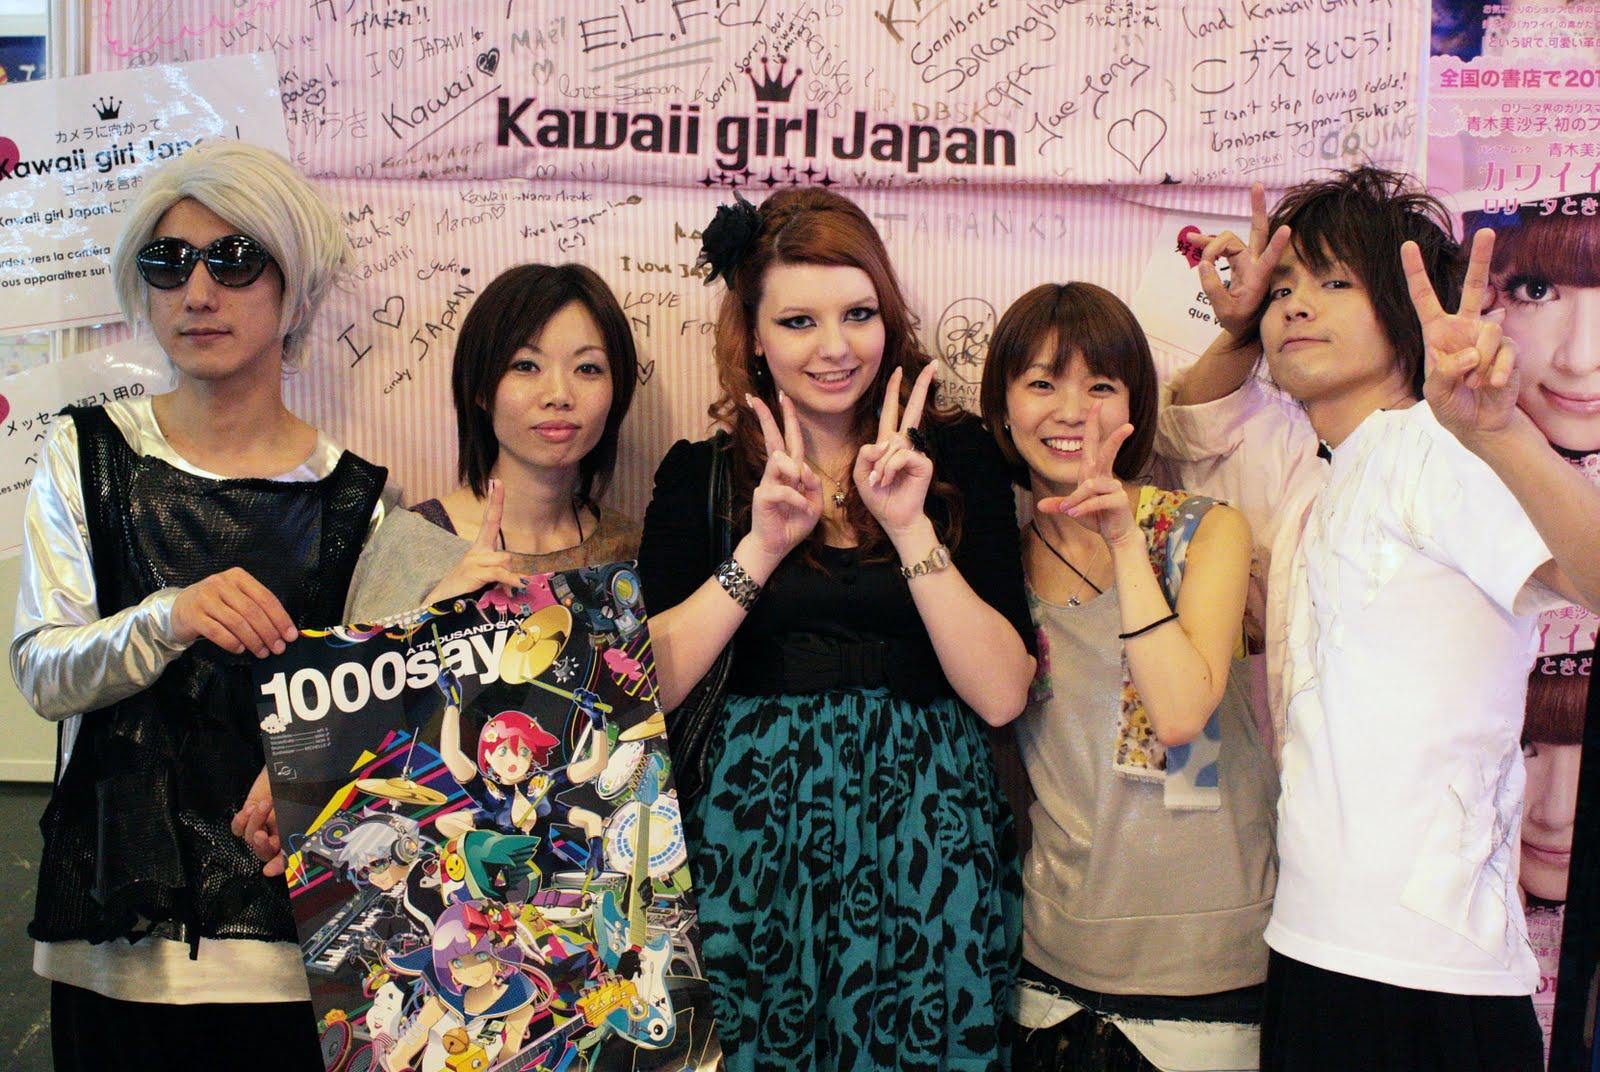 http://2.bp.blogspot.com/-fdrvMkpF9og/ThsyLfEfNrI/AAAAAAAAAe0/7si0xgv4nbY/s1600/Kawaii+girl+Japan.jpg